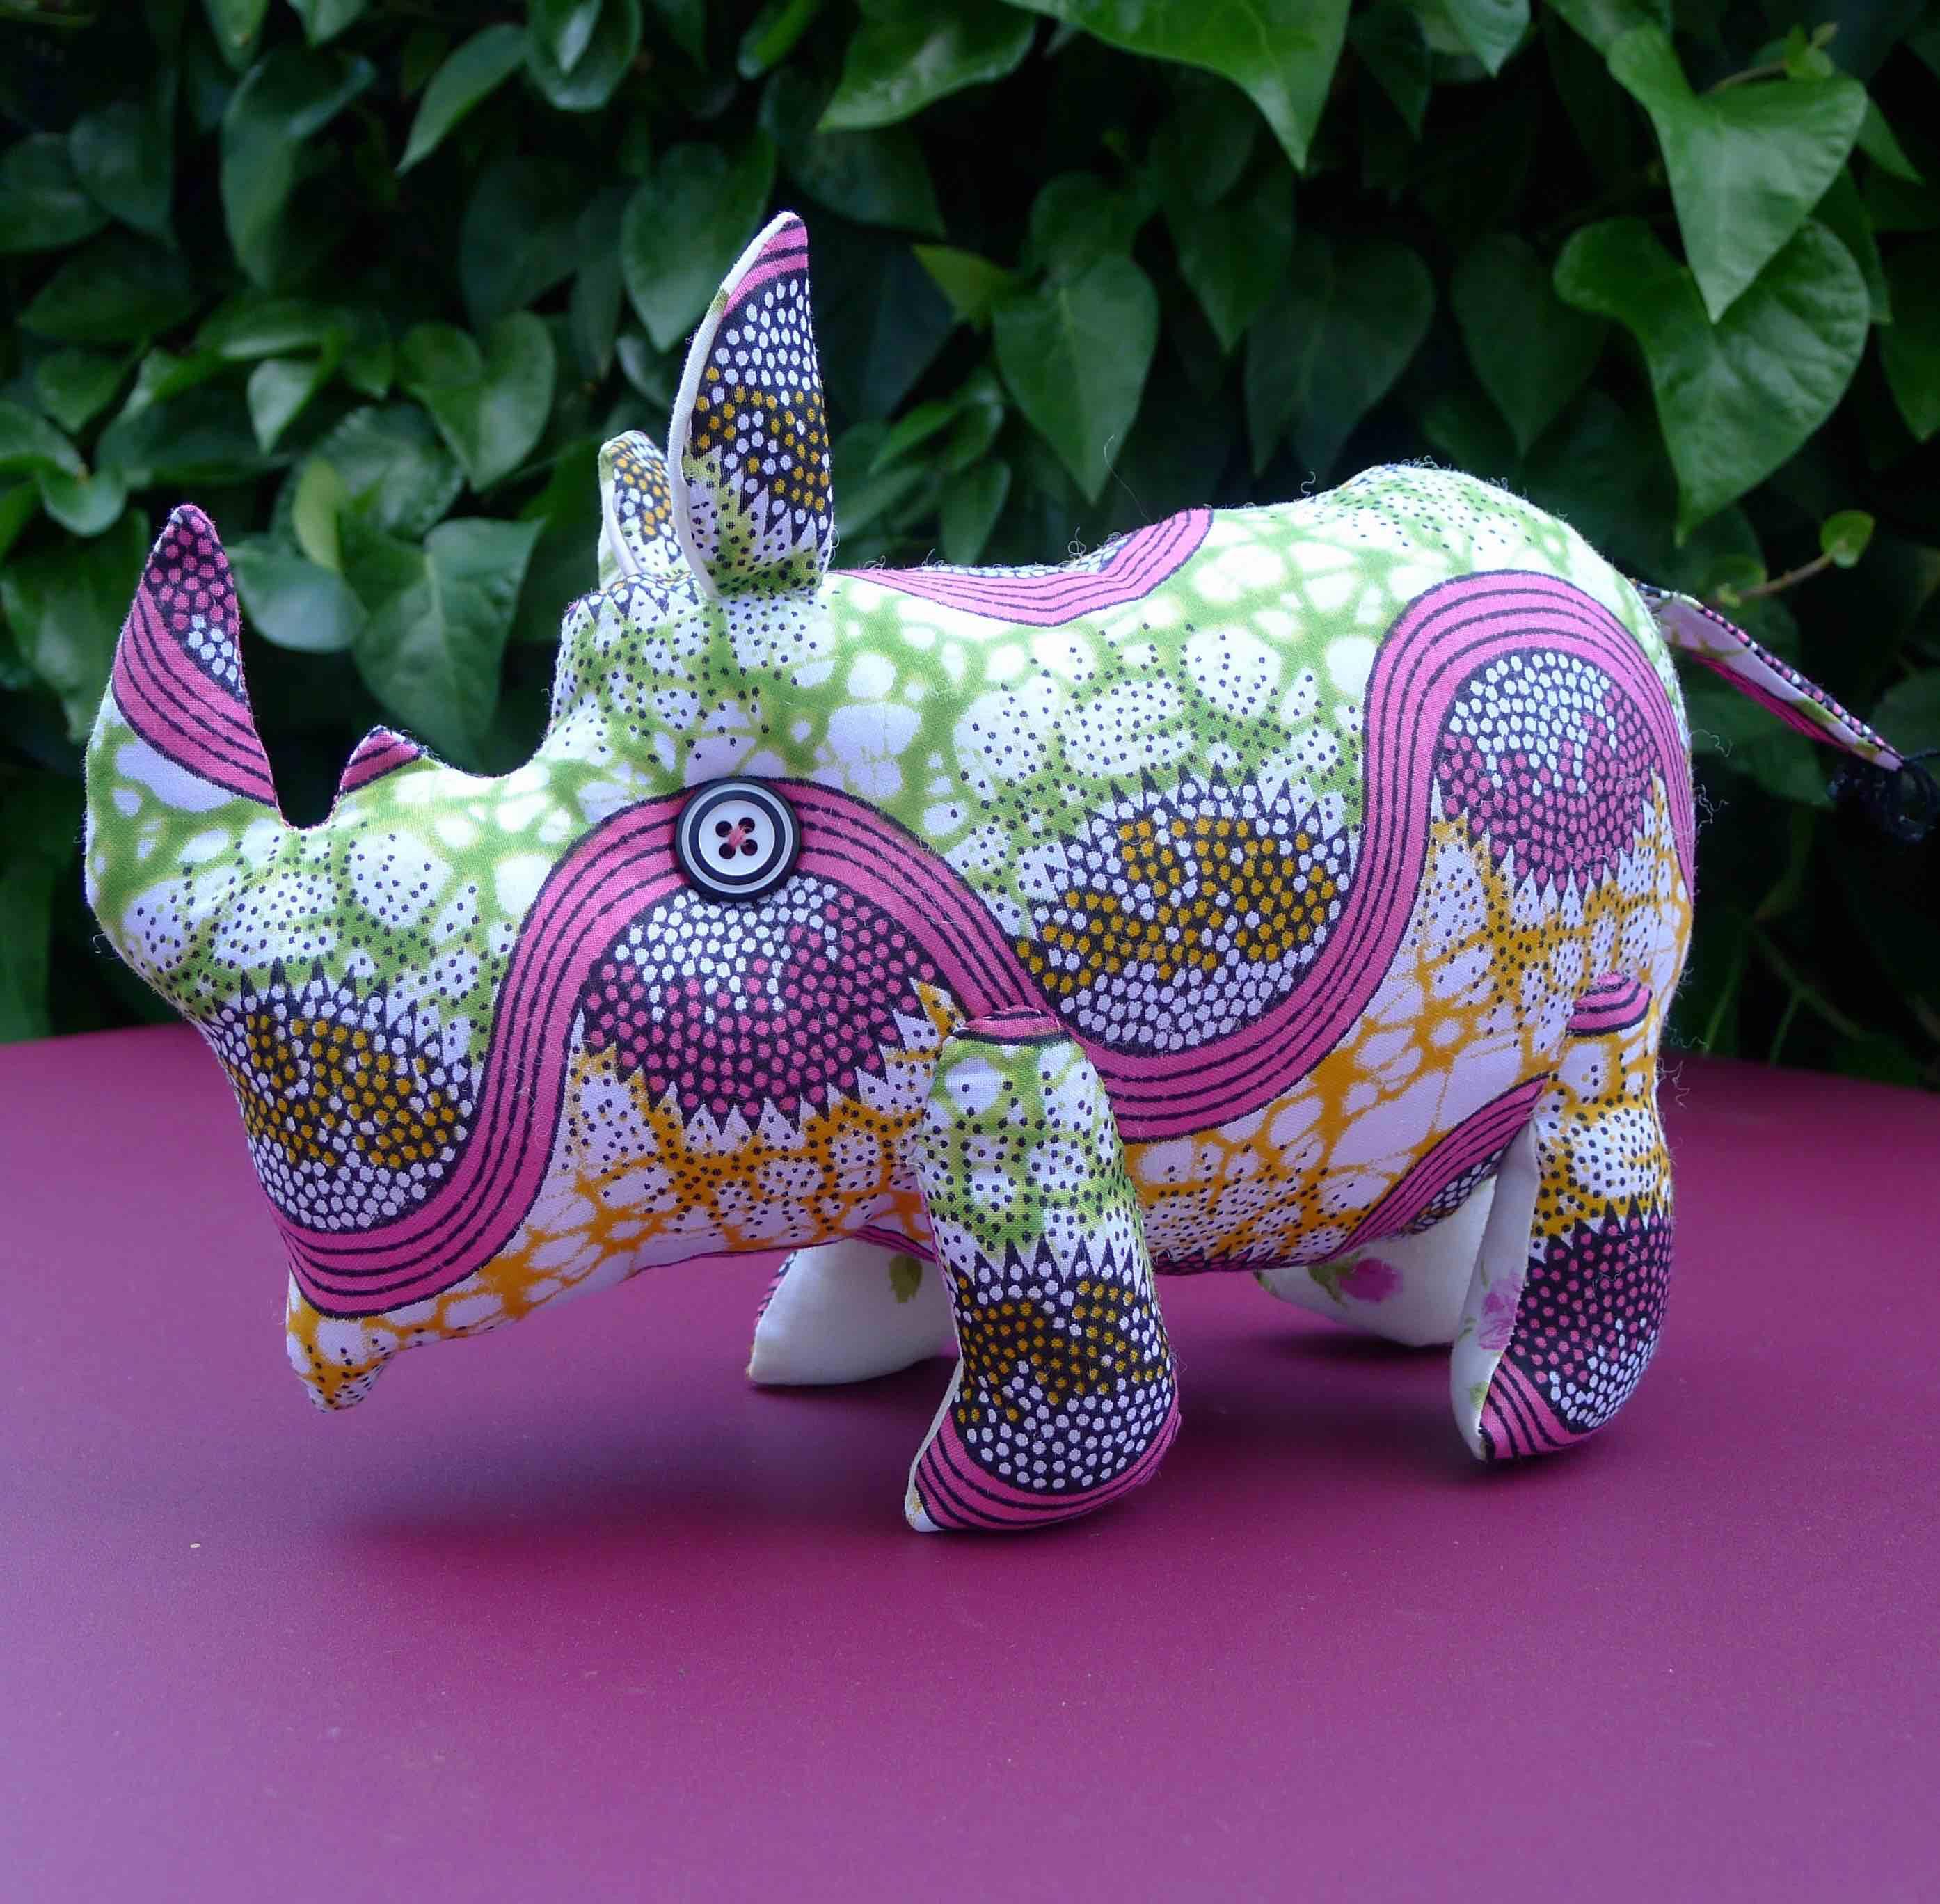 Rhina